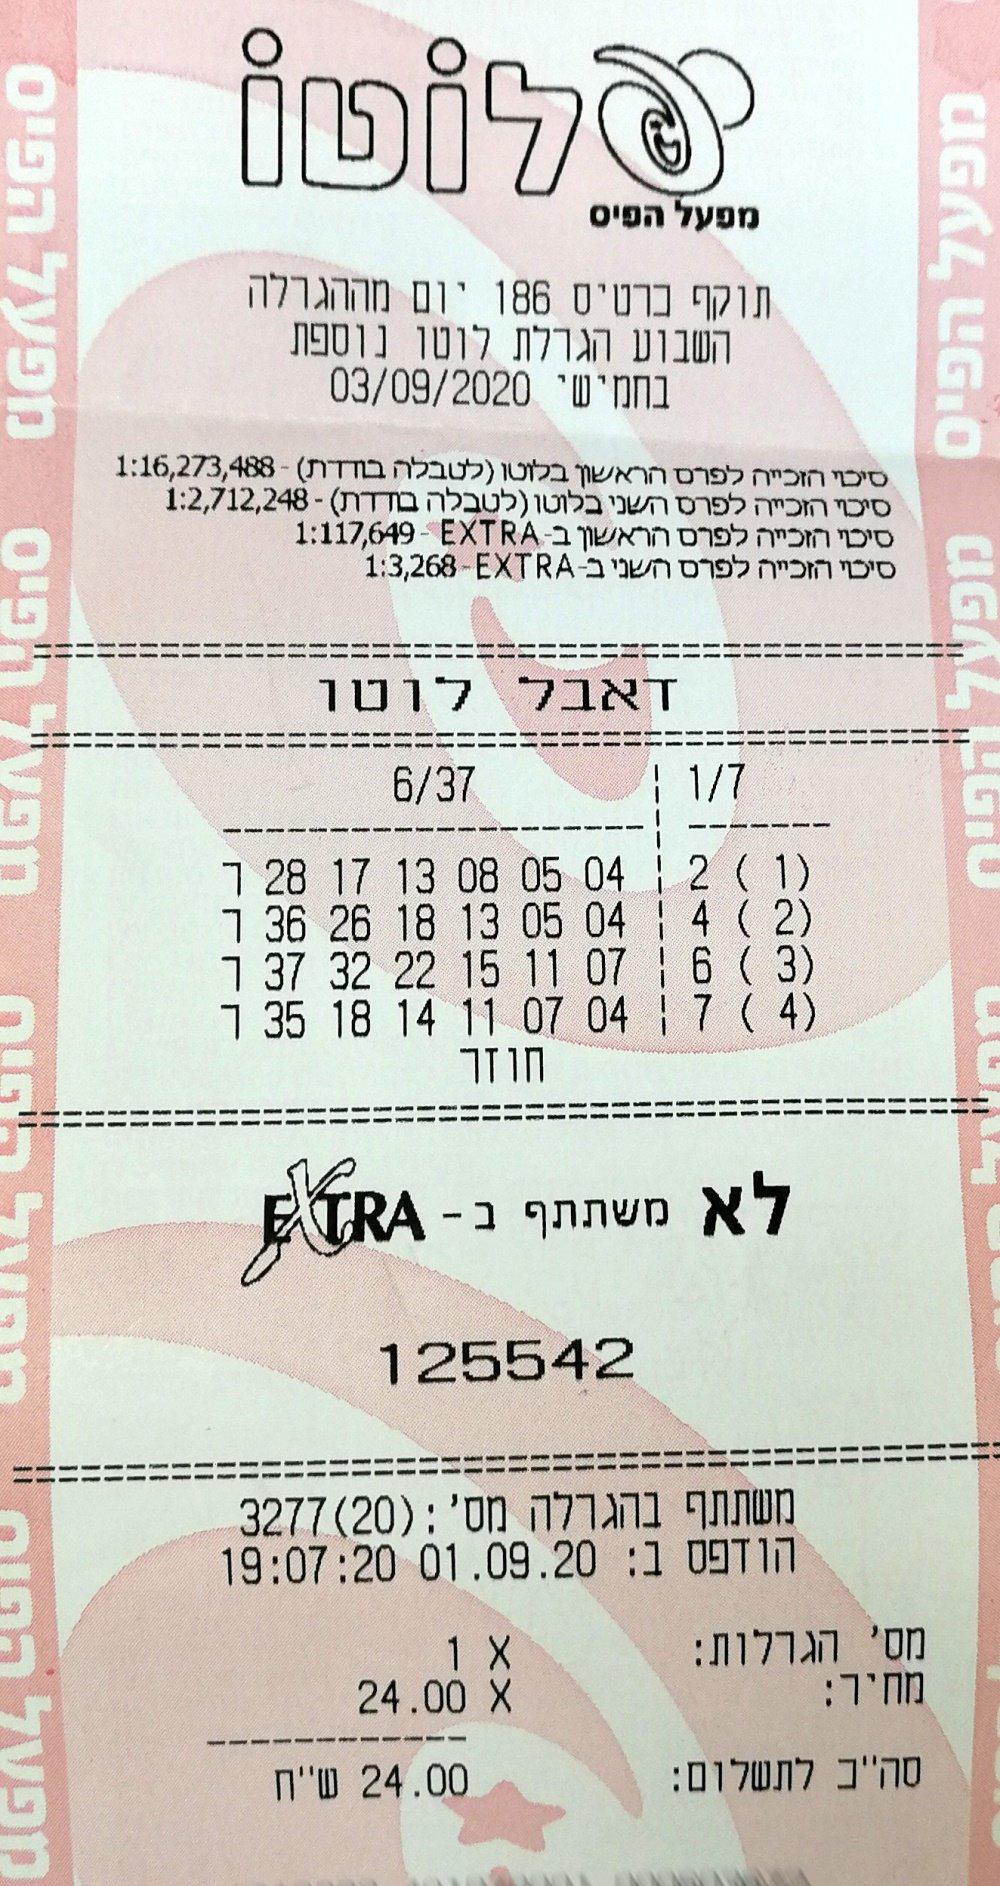 لقد ظن أنه ربح 750.000 شيكل وكان مندهشًا عندما اكتشف أنه فاز بأعلى جائزة ثانية بقيمة 6 ملايين شيكل!